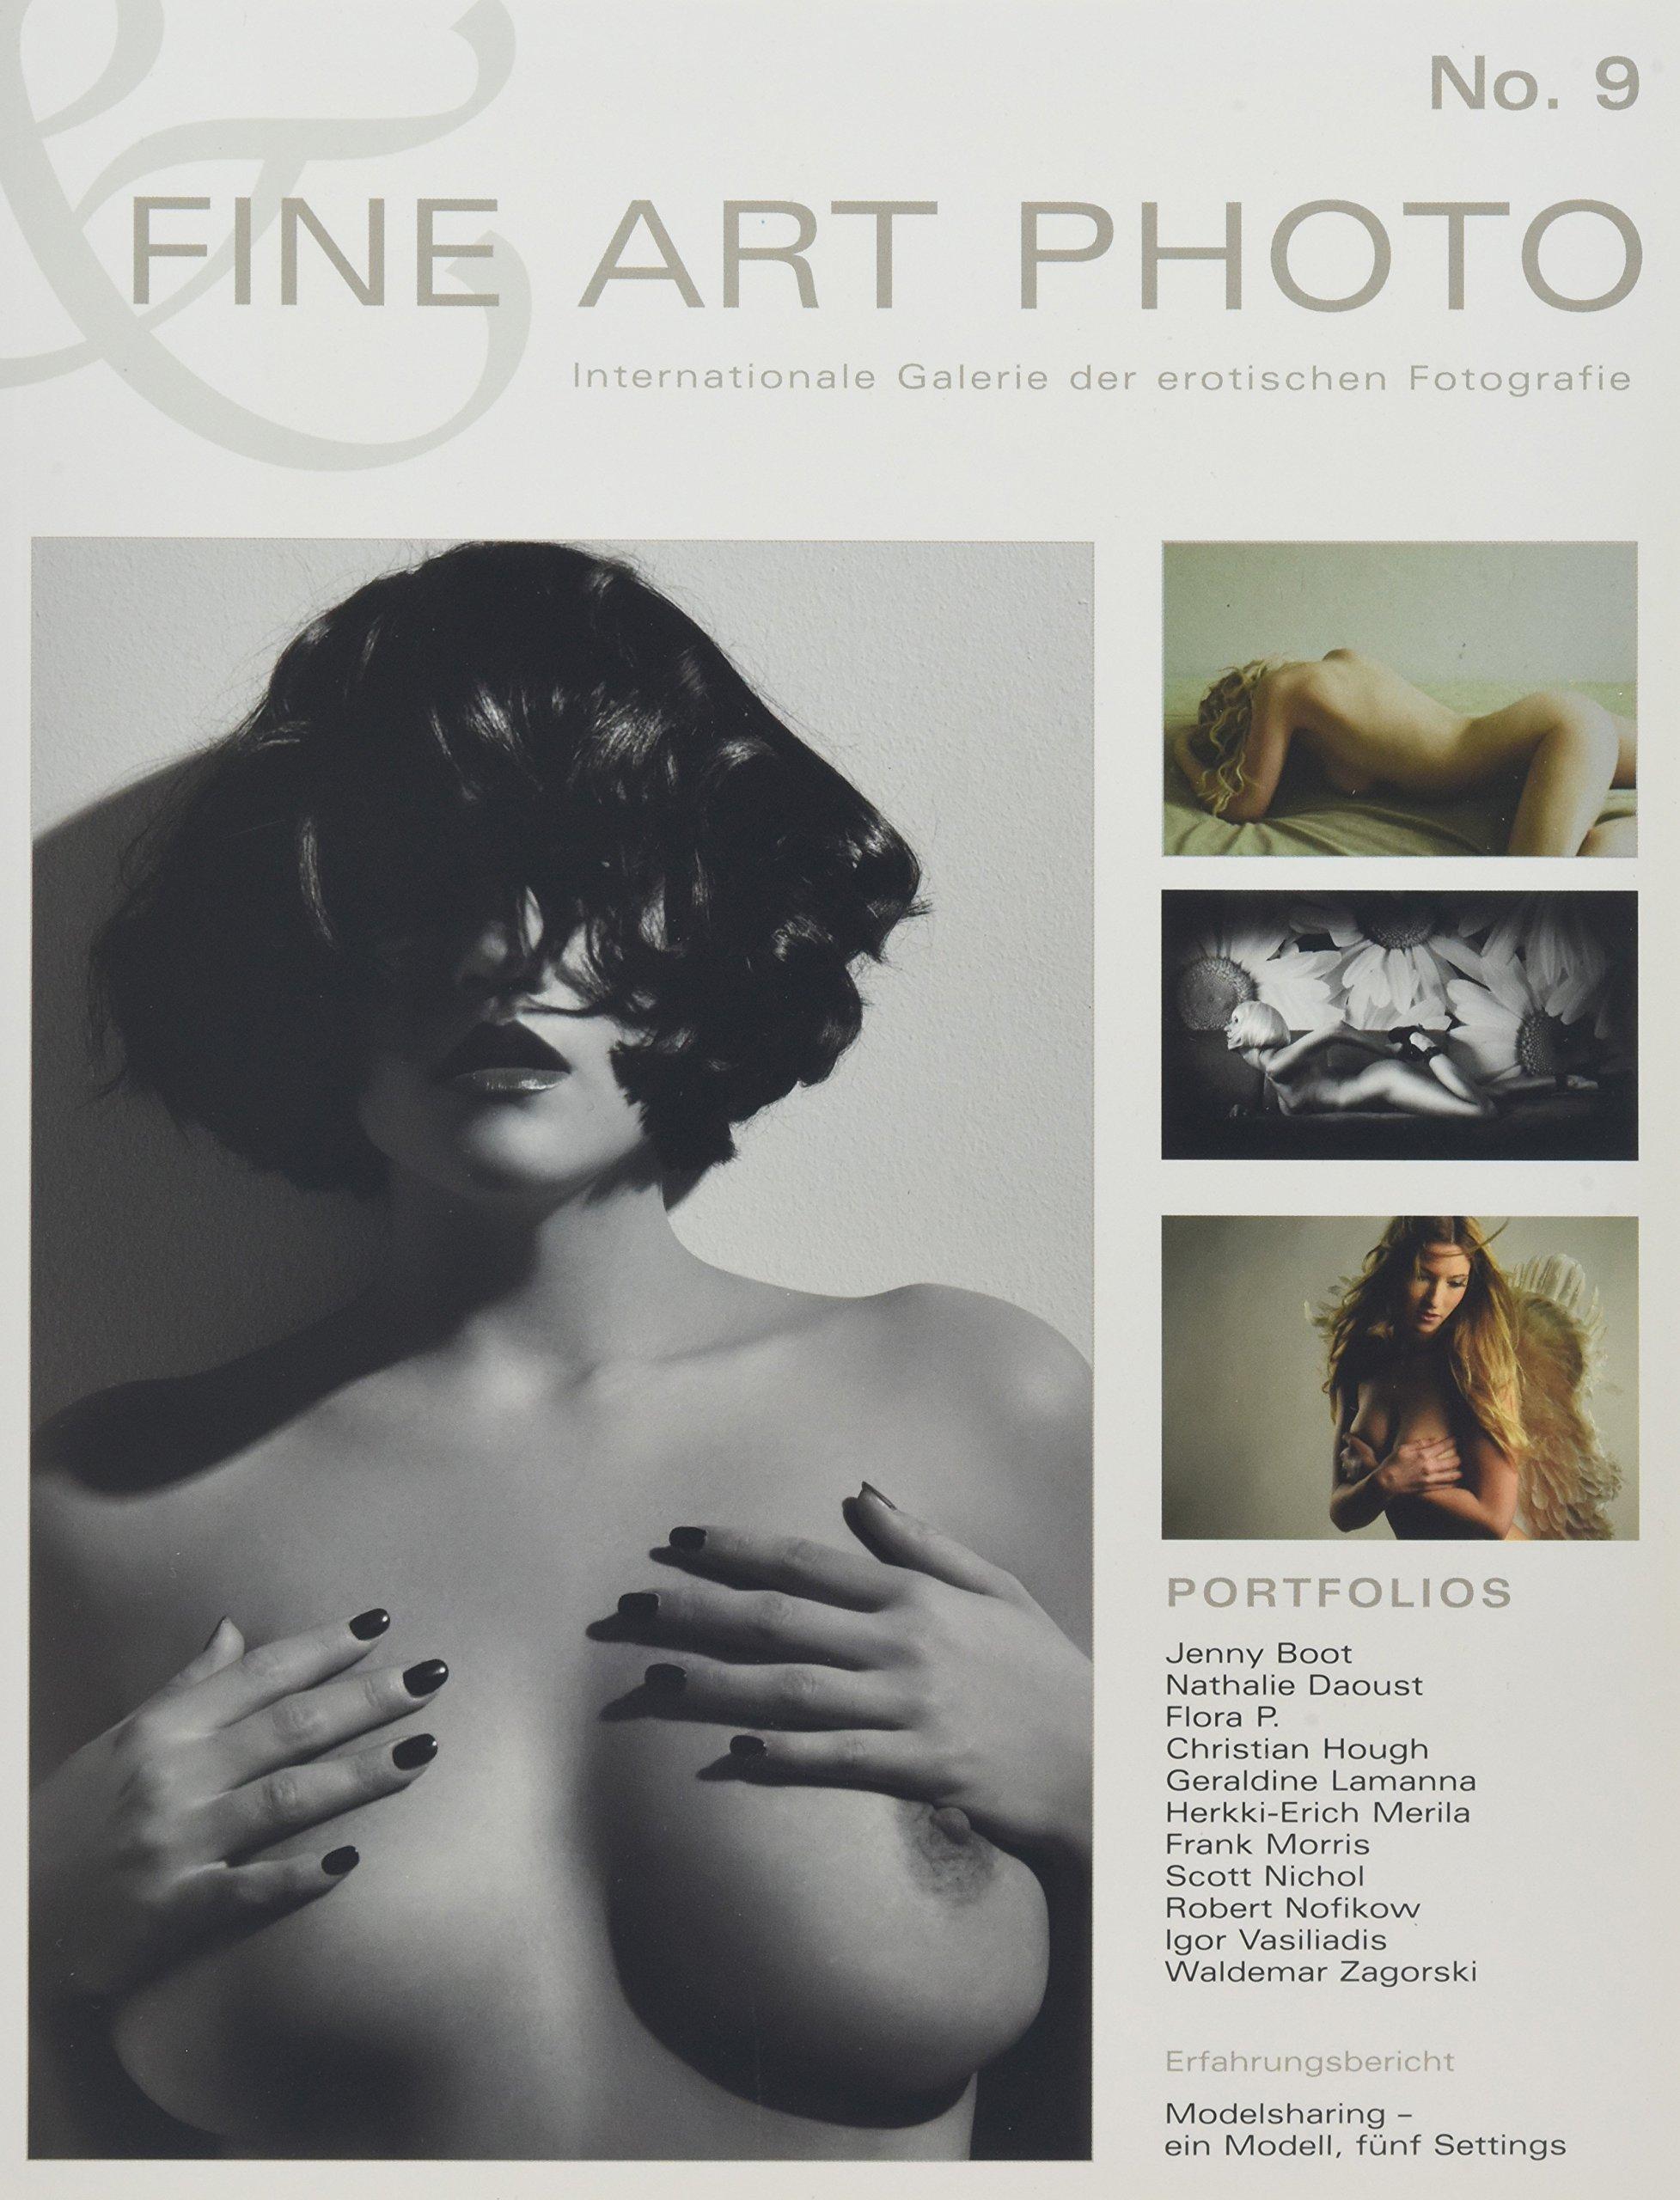 FINE ART PHOTO Nr. 9: Internationale Galerie der erotischen Fotografie